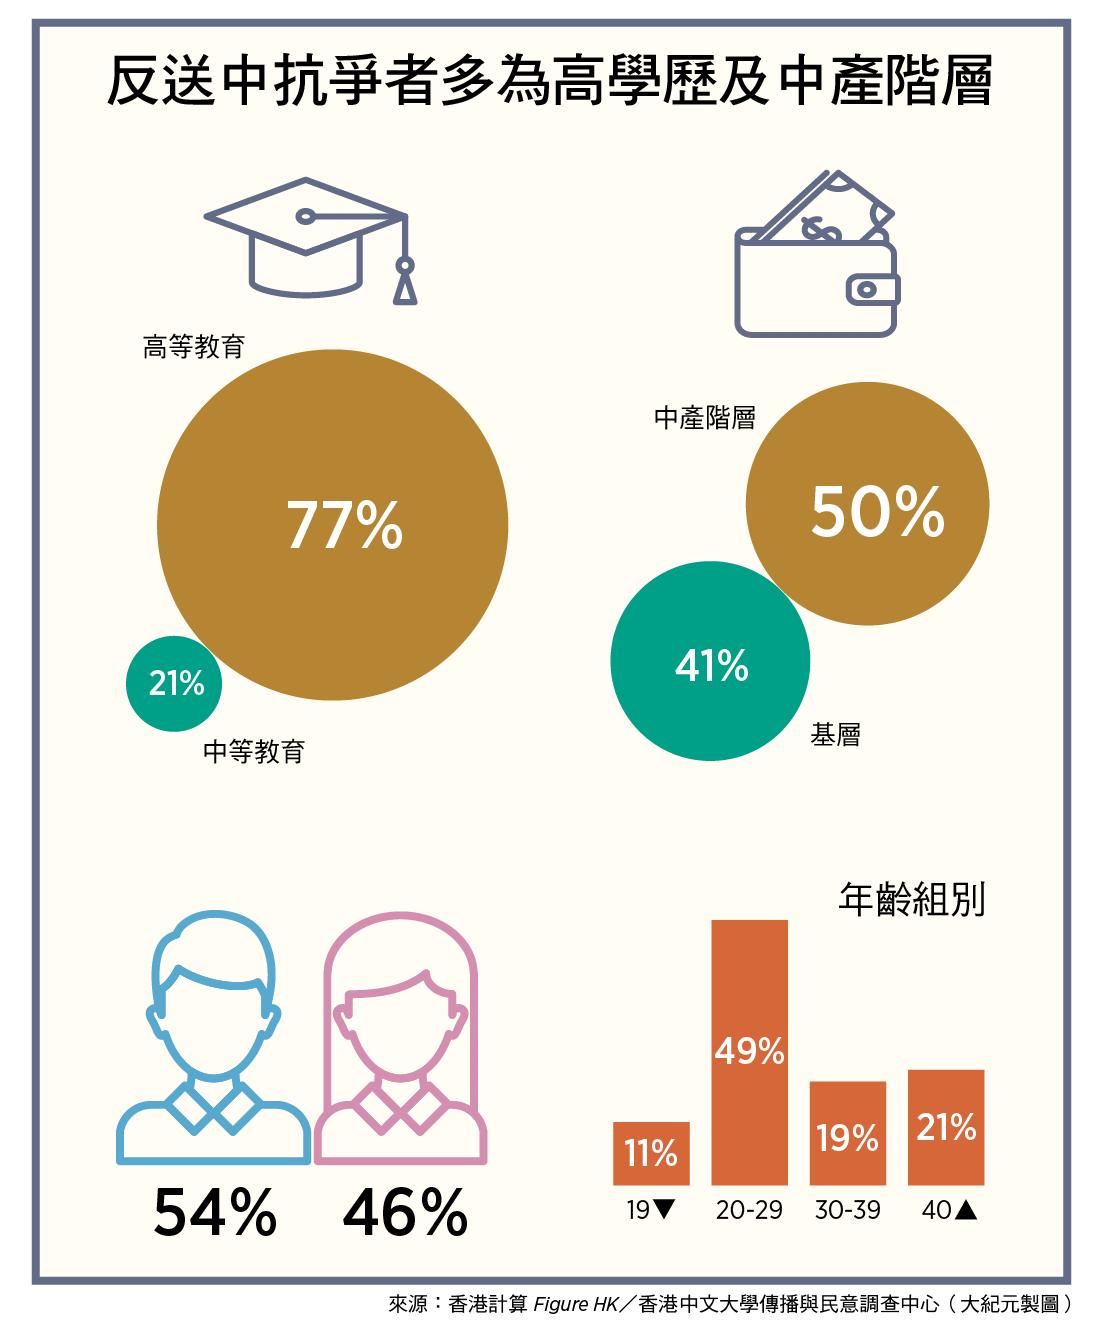 反送中抗爭者多半是高學歷及中產階層 ( 來源:香港計算 Figure HK,香港中文大學傳播與民意調查中心/大紀元製圖)